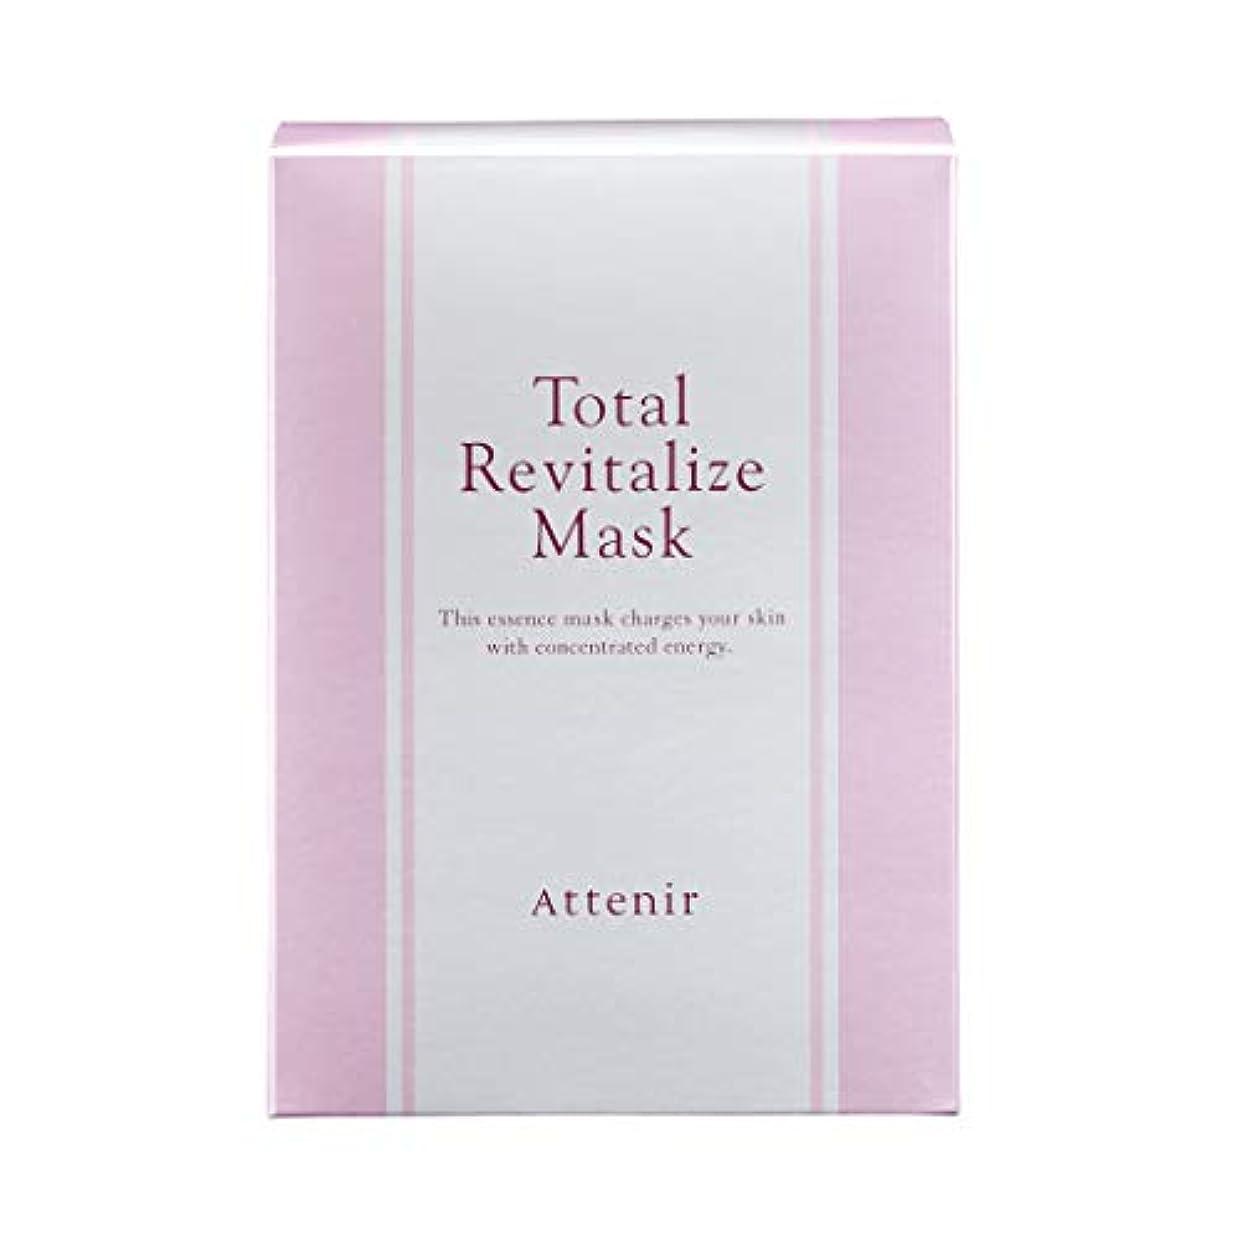 情熱的胆嚢称賛アテニア トータルリヴァイタライズ マスク肌疲労ケアシートマスク 全顔用 6包入り フェイスパック